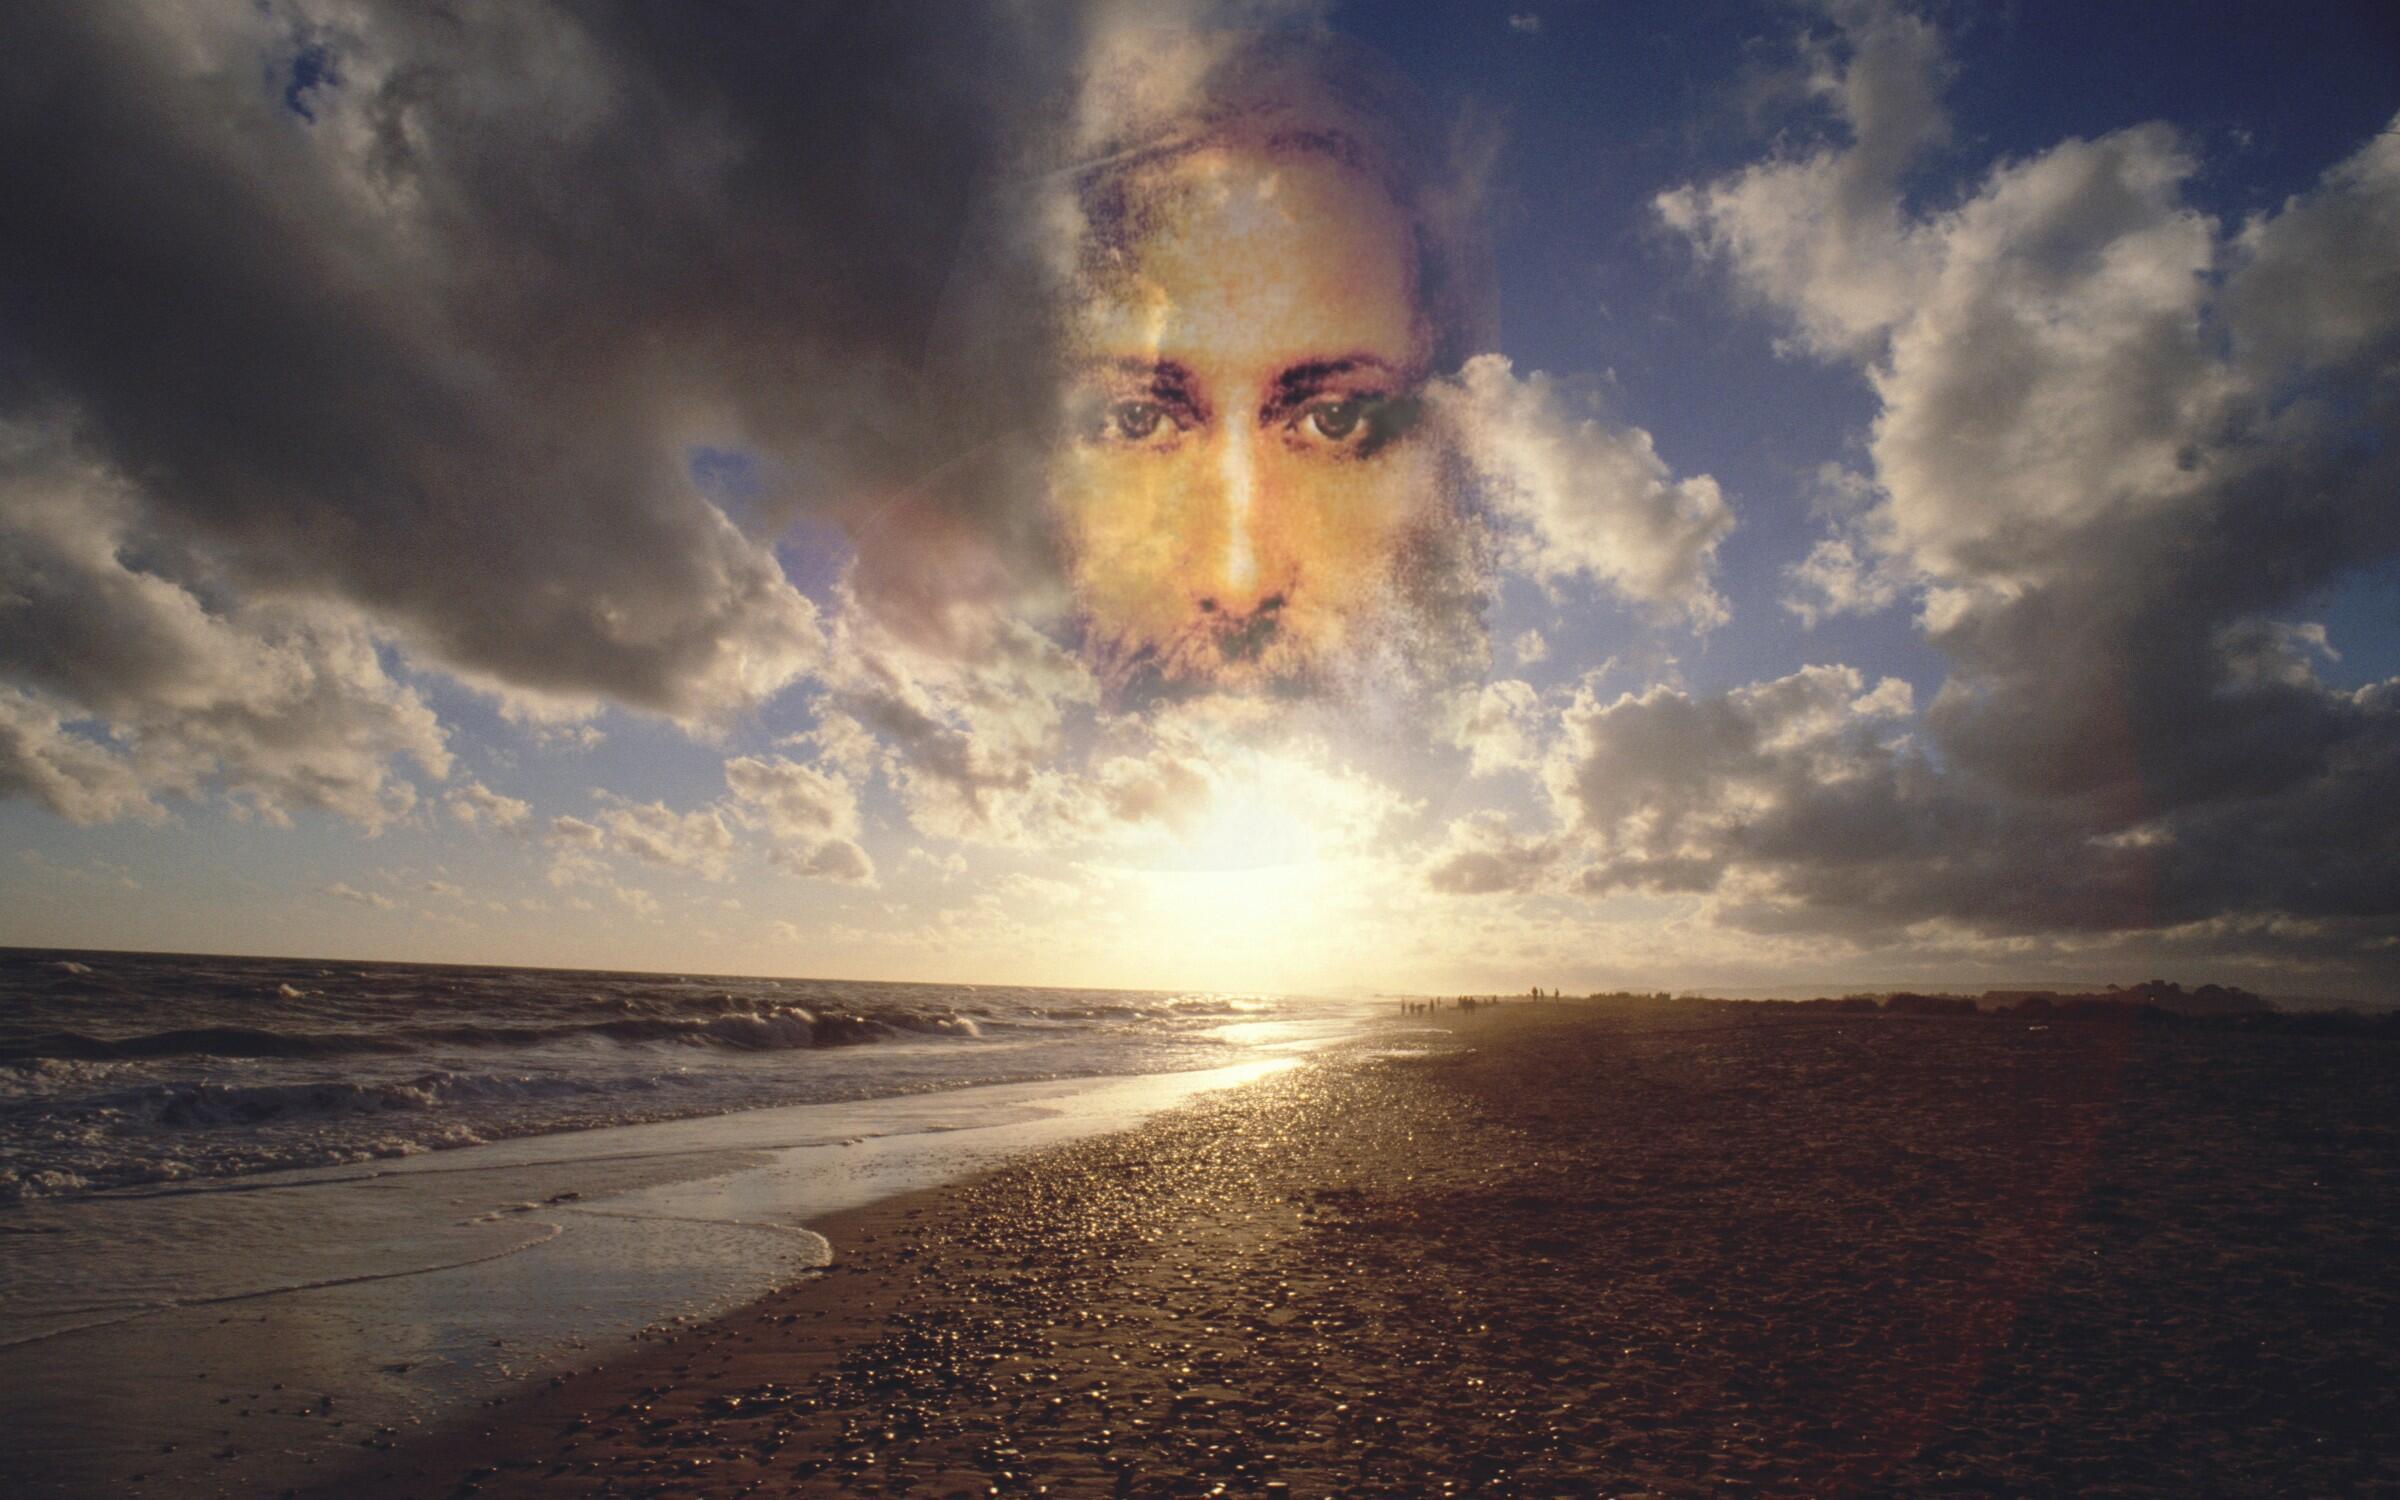 твой лик божественный стихи пять раз